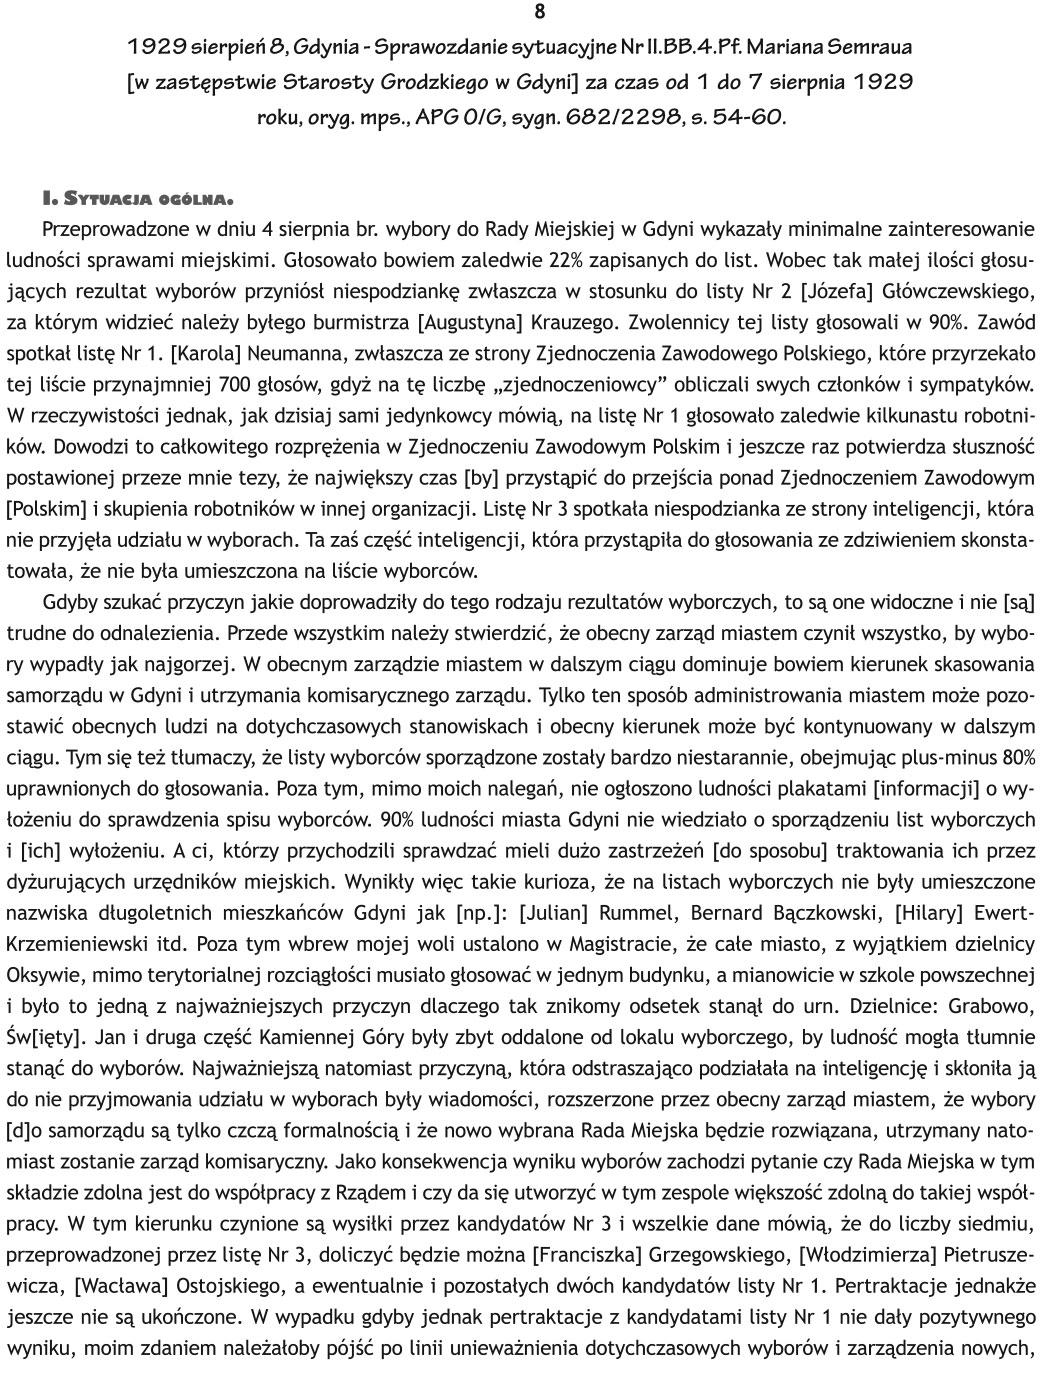 1929 sierpień 8, Gdynia - Sprawozdanie sytuacyjne Nr II.BB.4.Pf. Mariana Semraua [w zastępstwie Starosty Grodzkiego w Gdyni] za czas od 1 do 7 sierpnia 1929 roku, oryg. mps. APG/O/G, sygn. 682/2298, s. 54-60